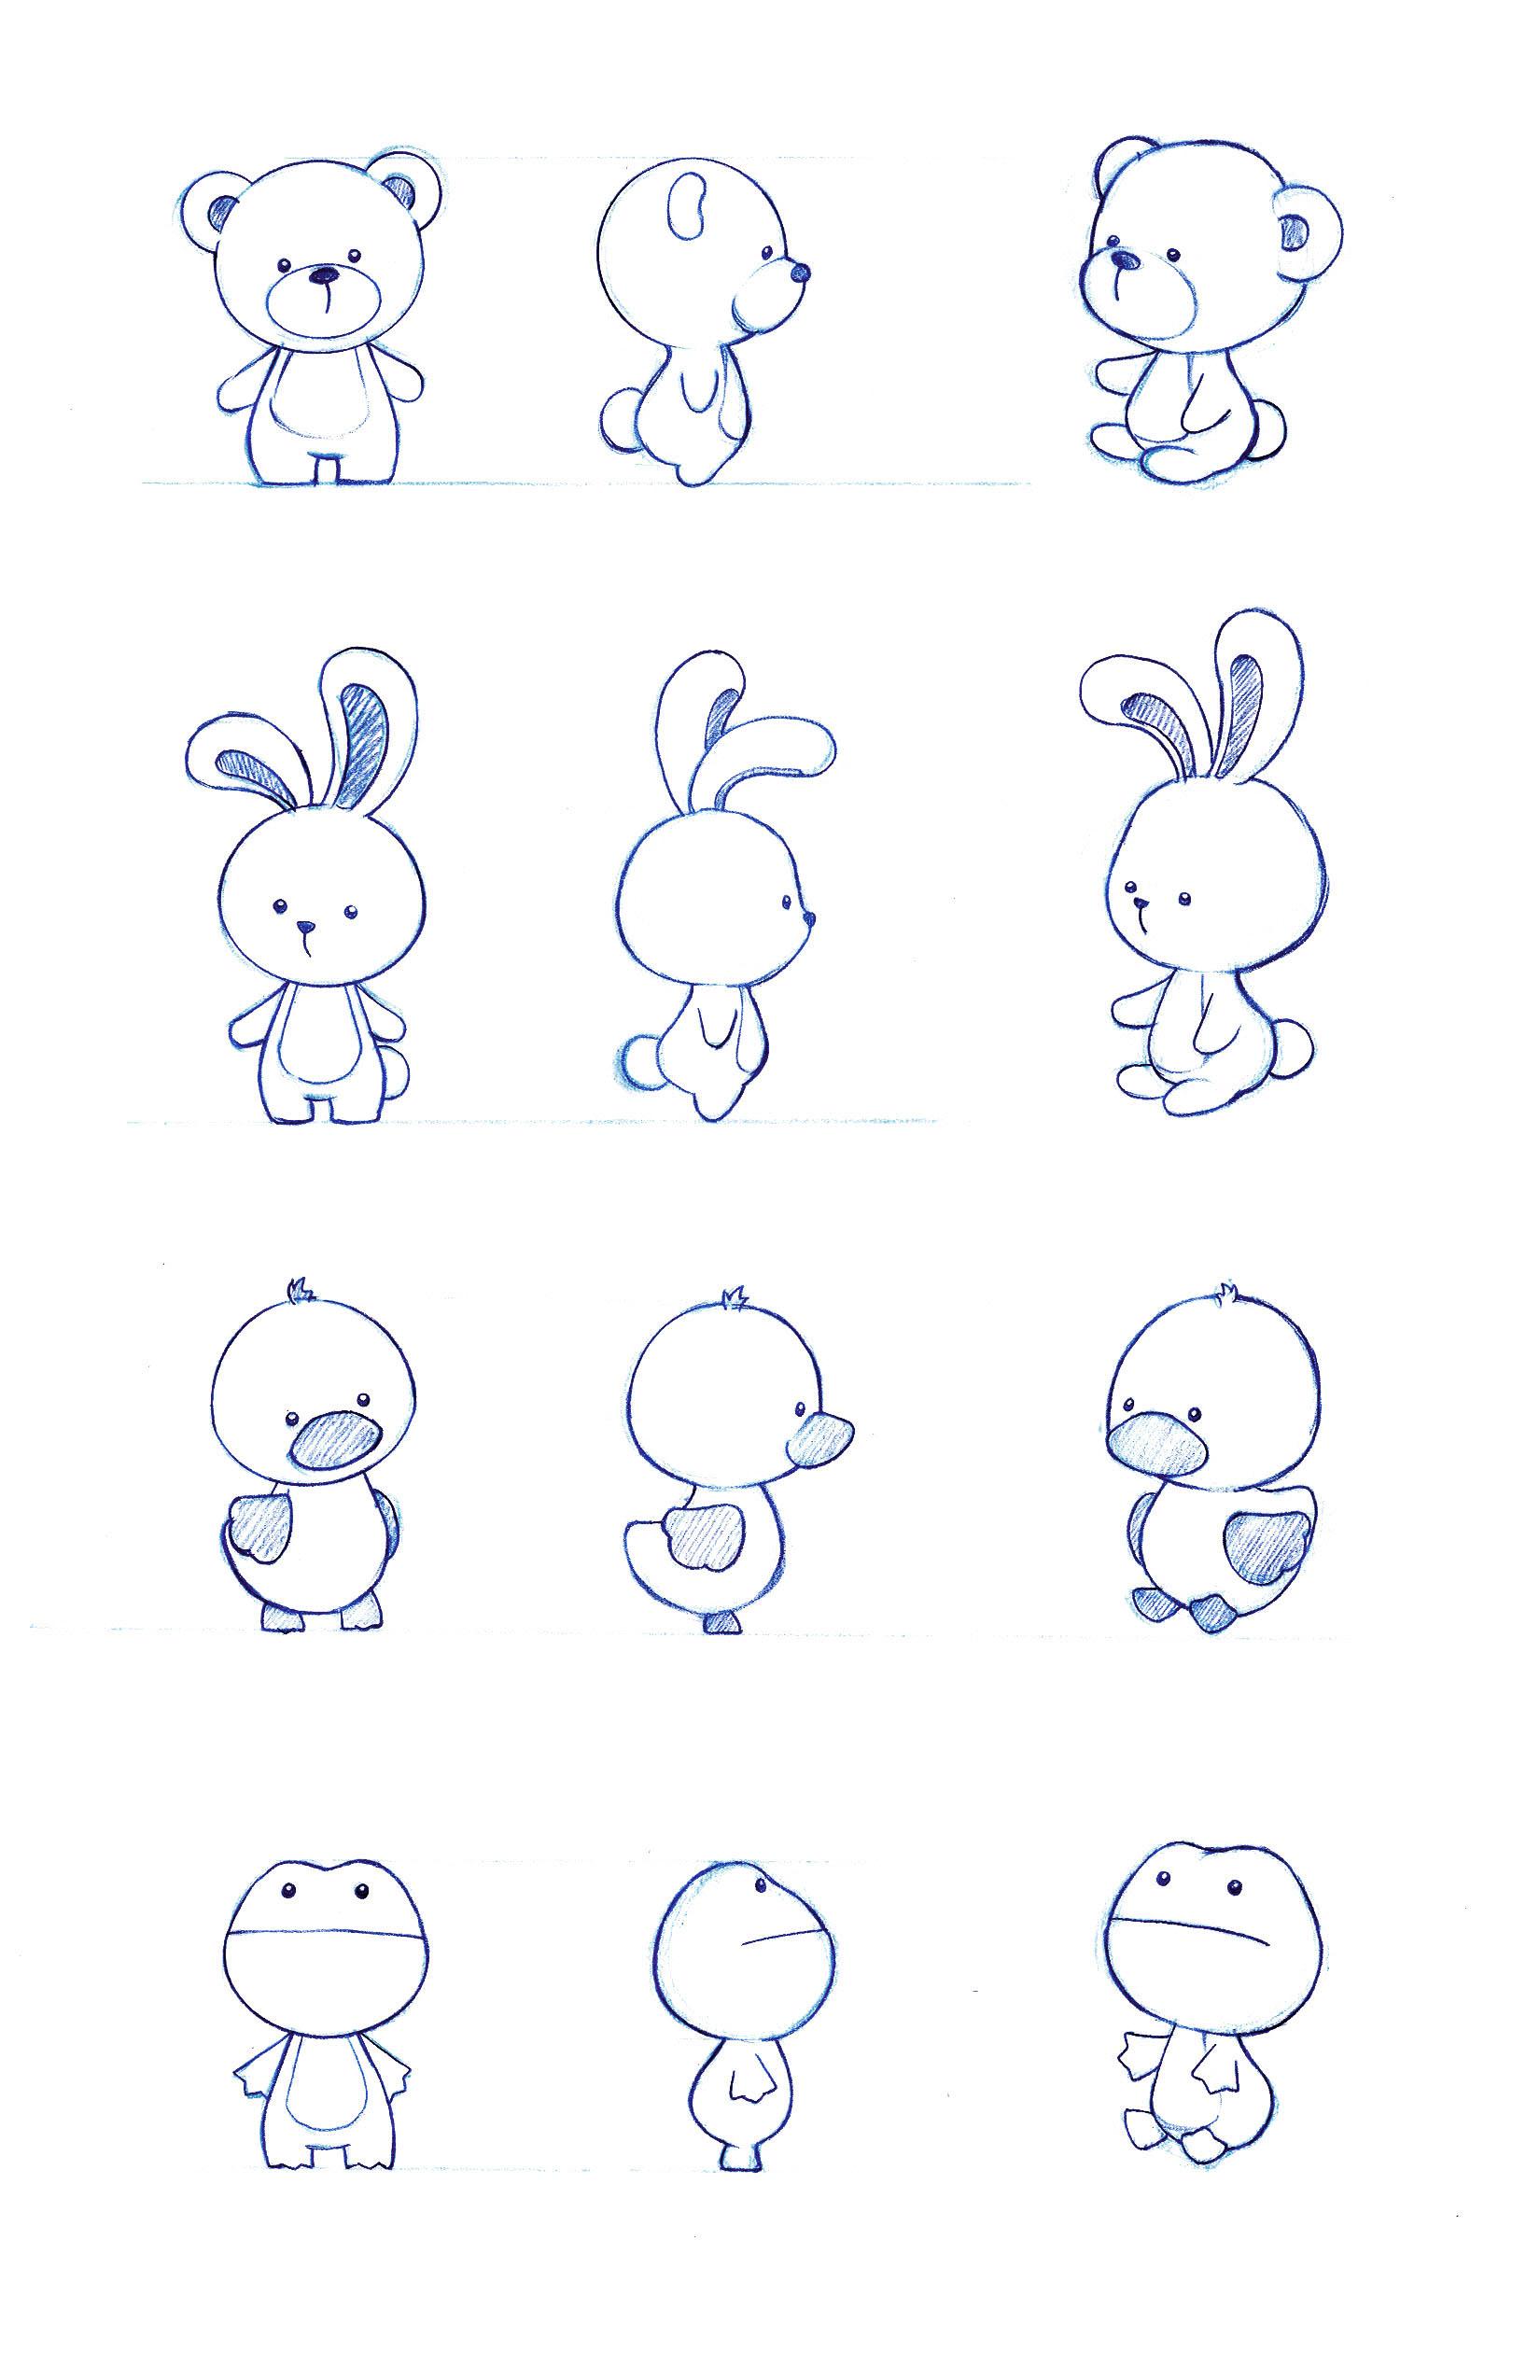 Character Design Kawaii : Character design by naoko mullally at coroflot